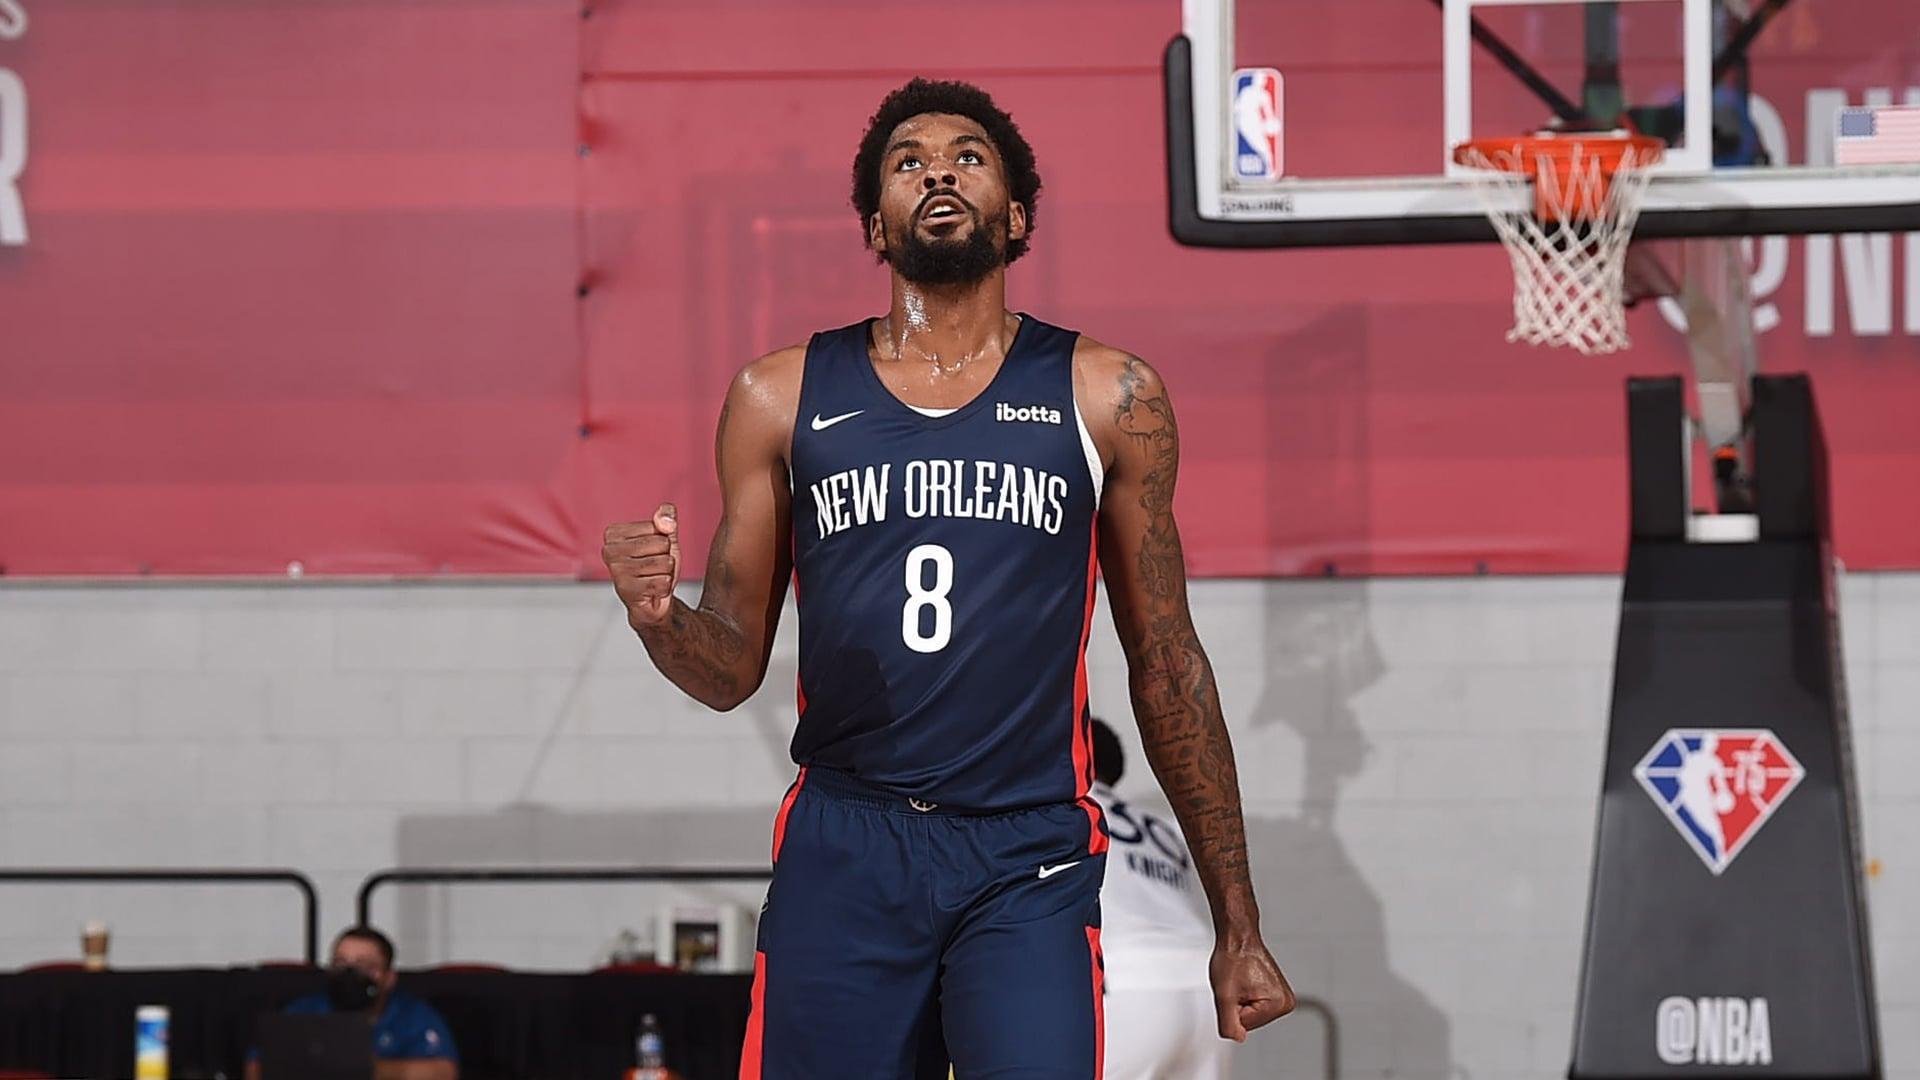 Las Vegas Summer League: Pelicans rout Wolves to close Summer League unbeaten